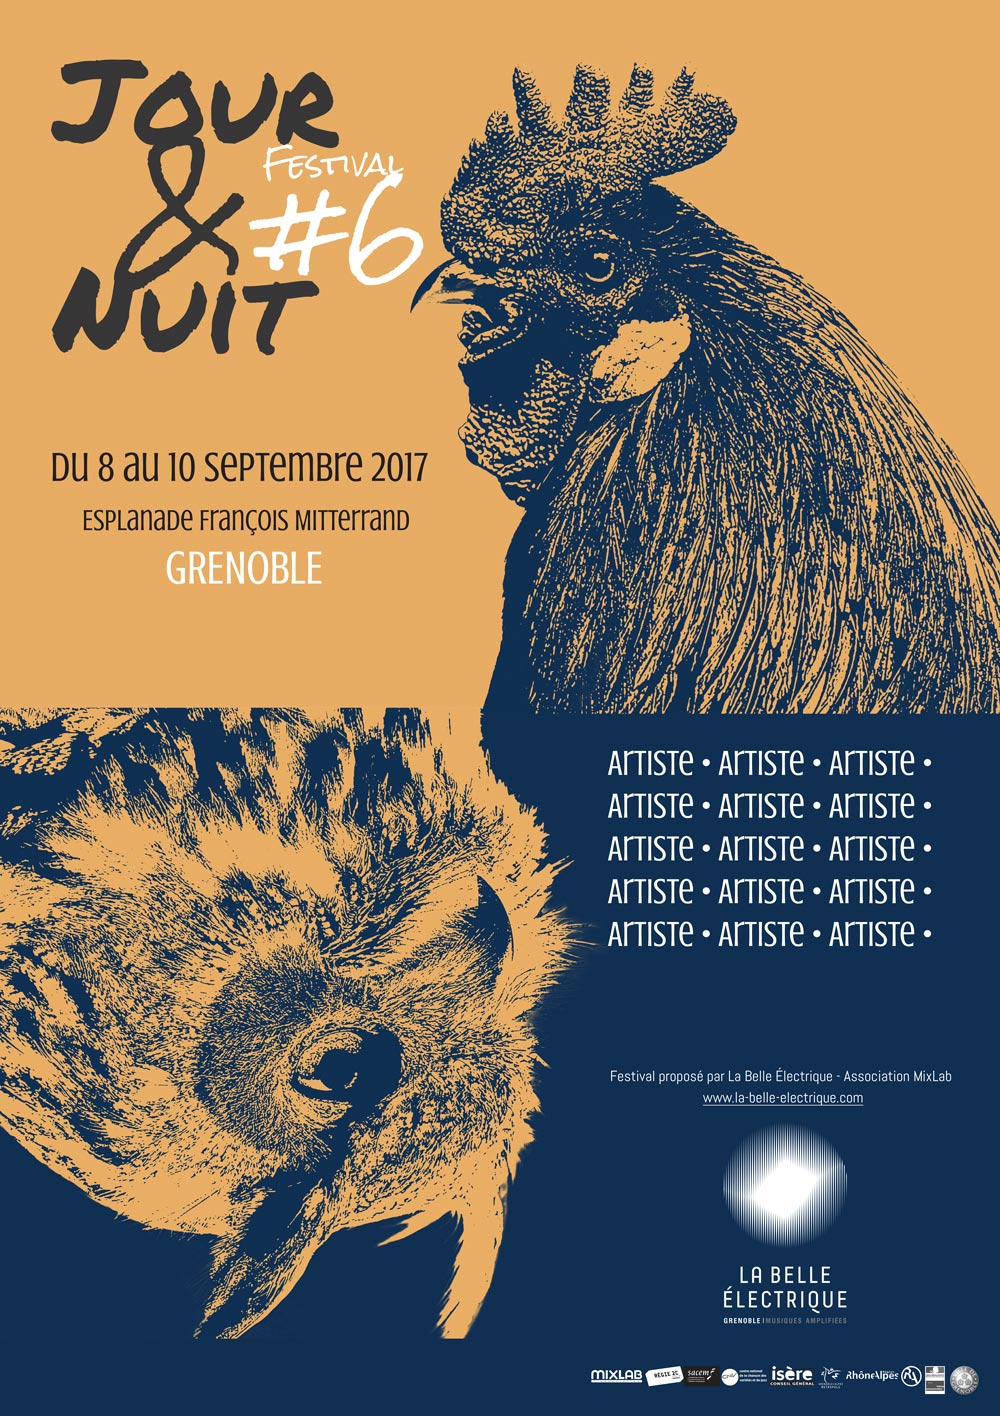 Proposition d'affiche pour le festival Jour&Nuit projet réalisé par Diane Gaillard